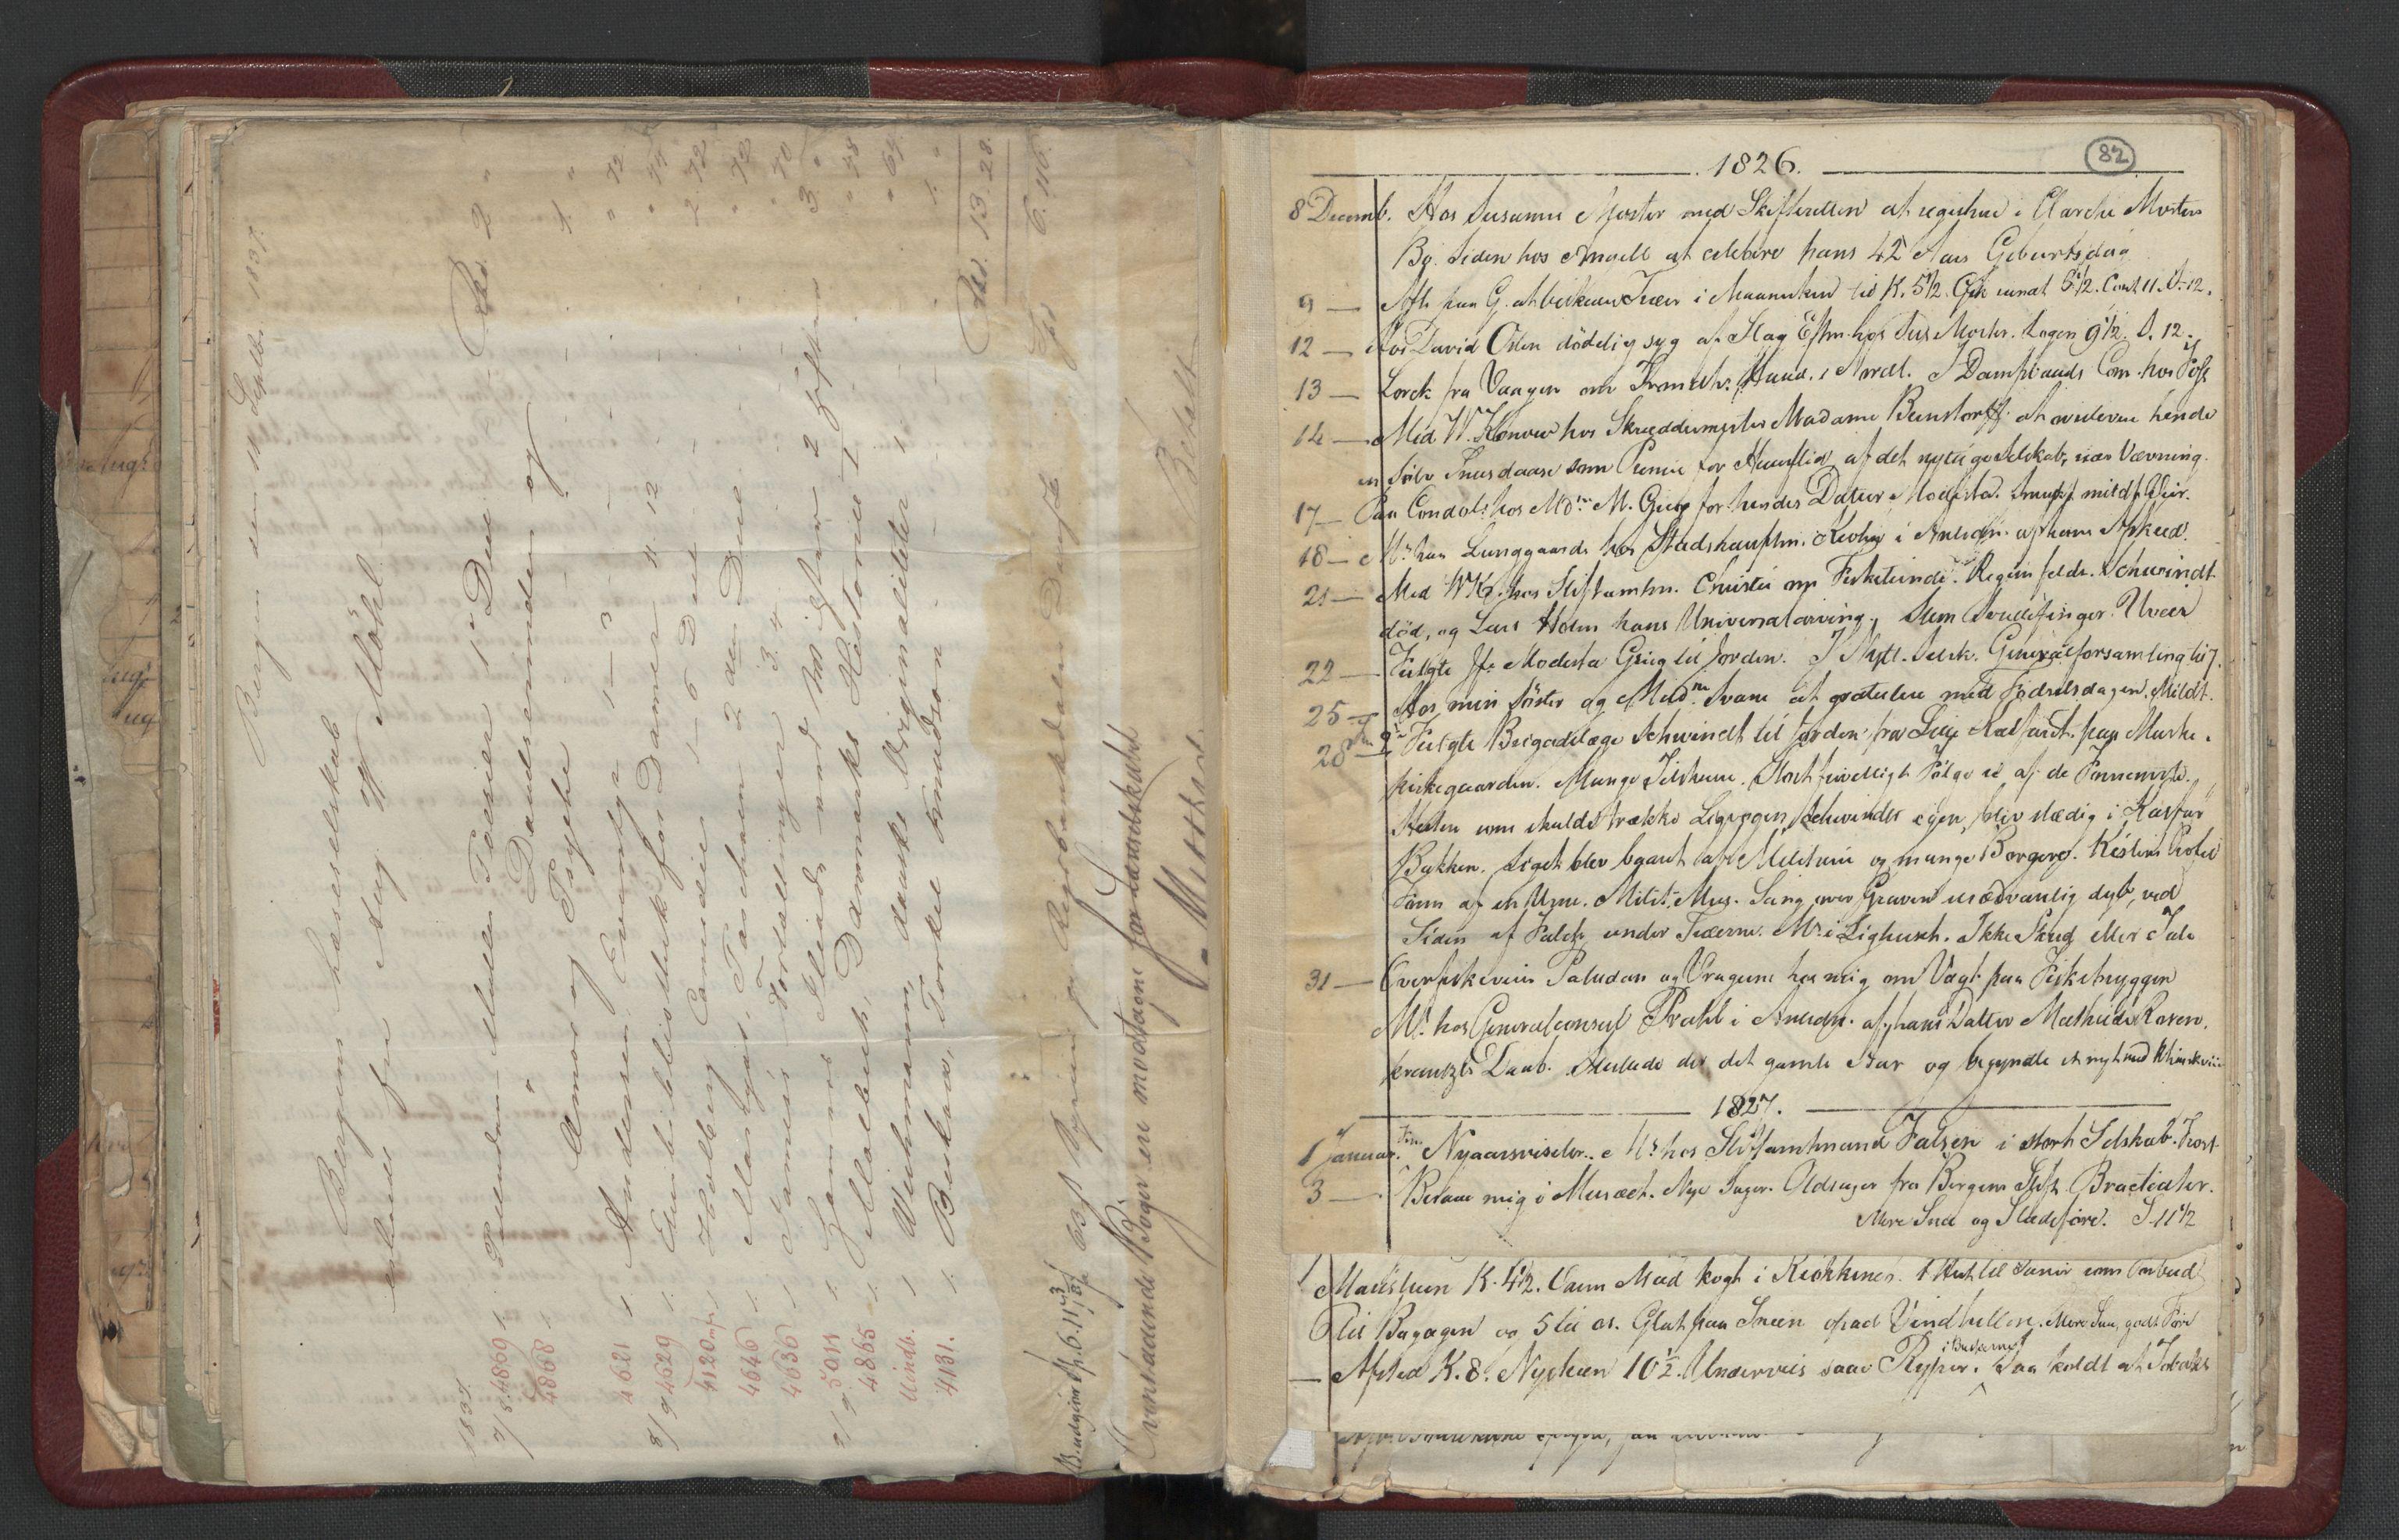 RA, Meltzer, Fredrik, F/L0004: Dagbok, 1822-1830, s. 81b-82a